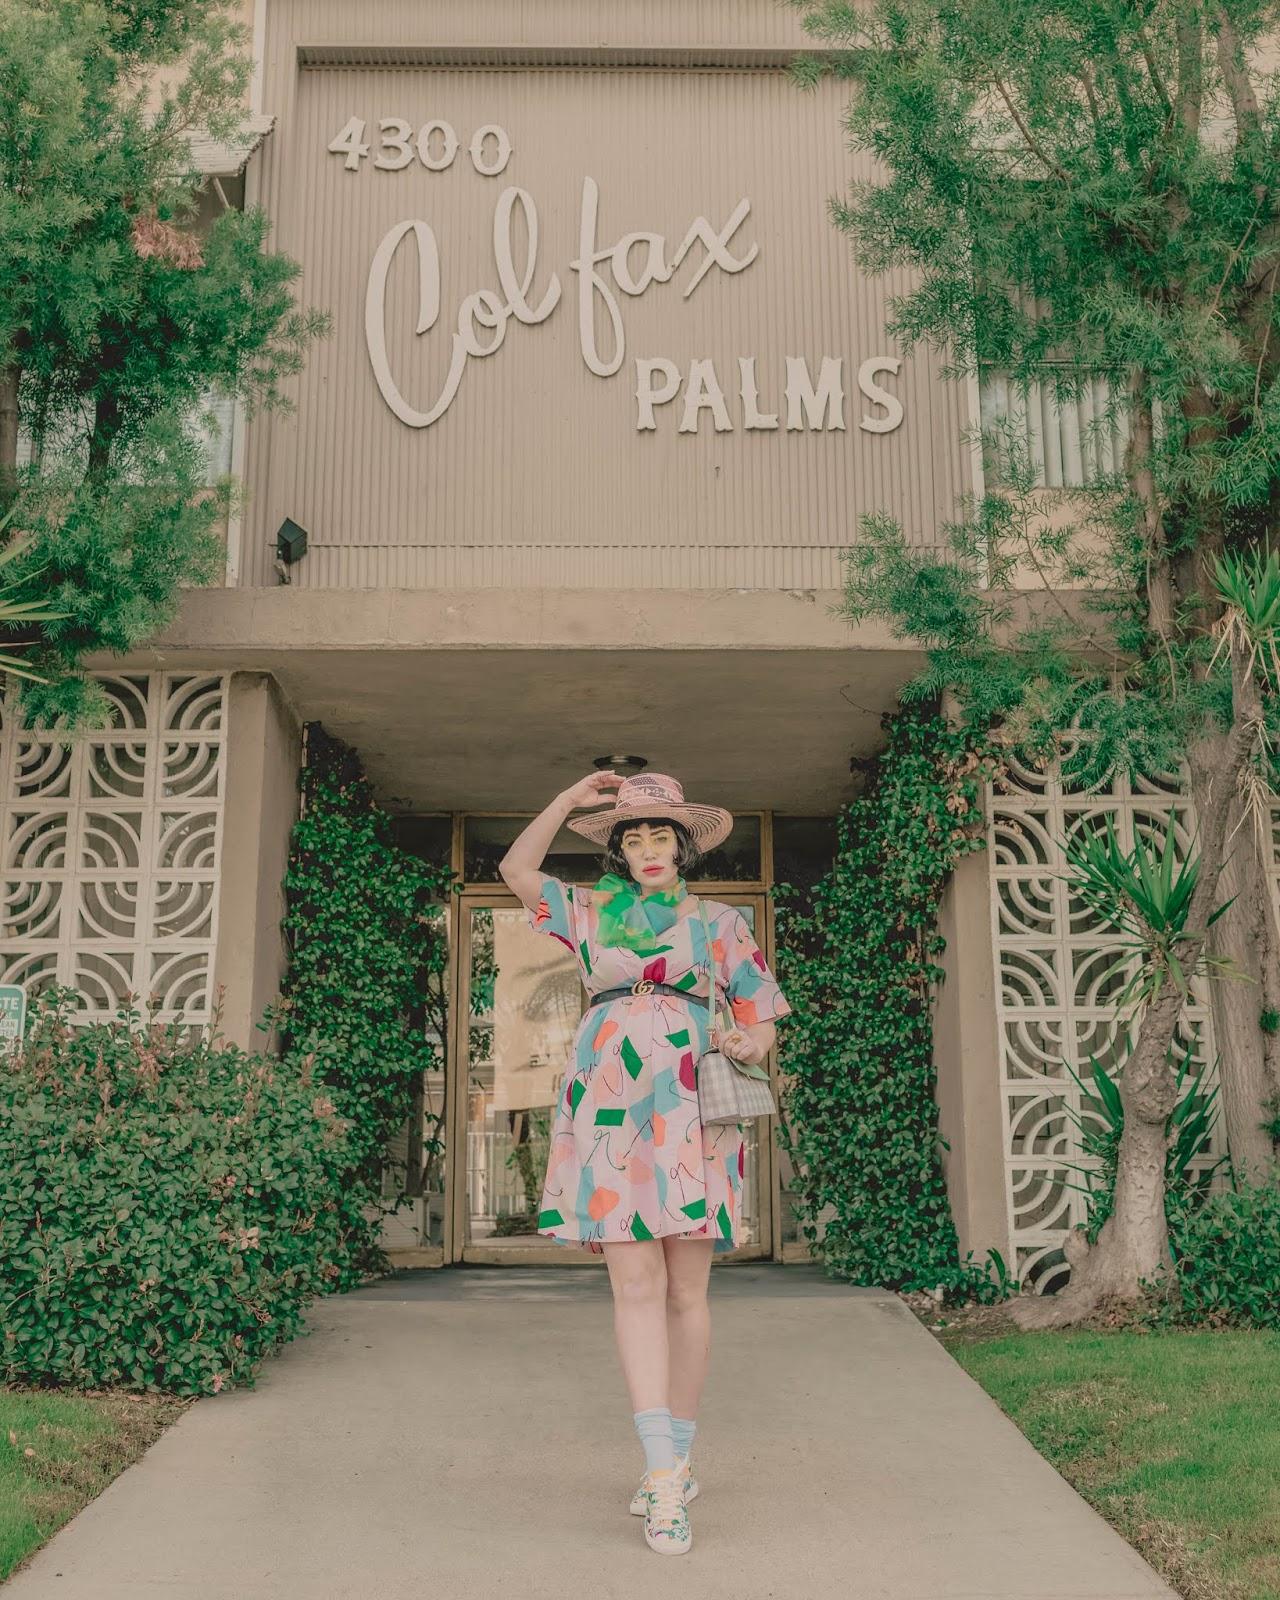 The Colfax Palms